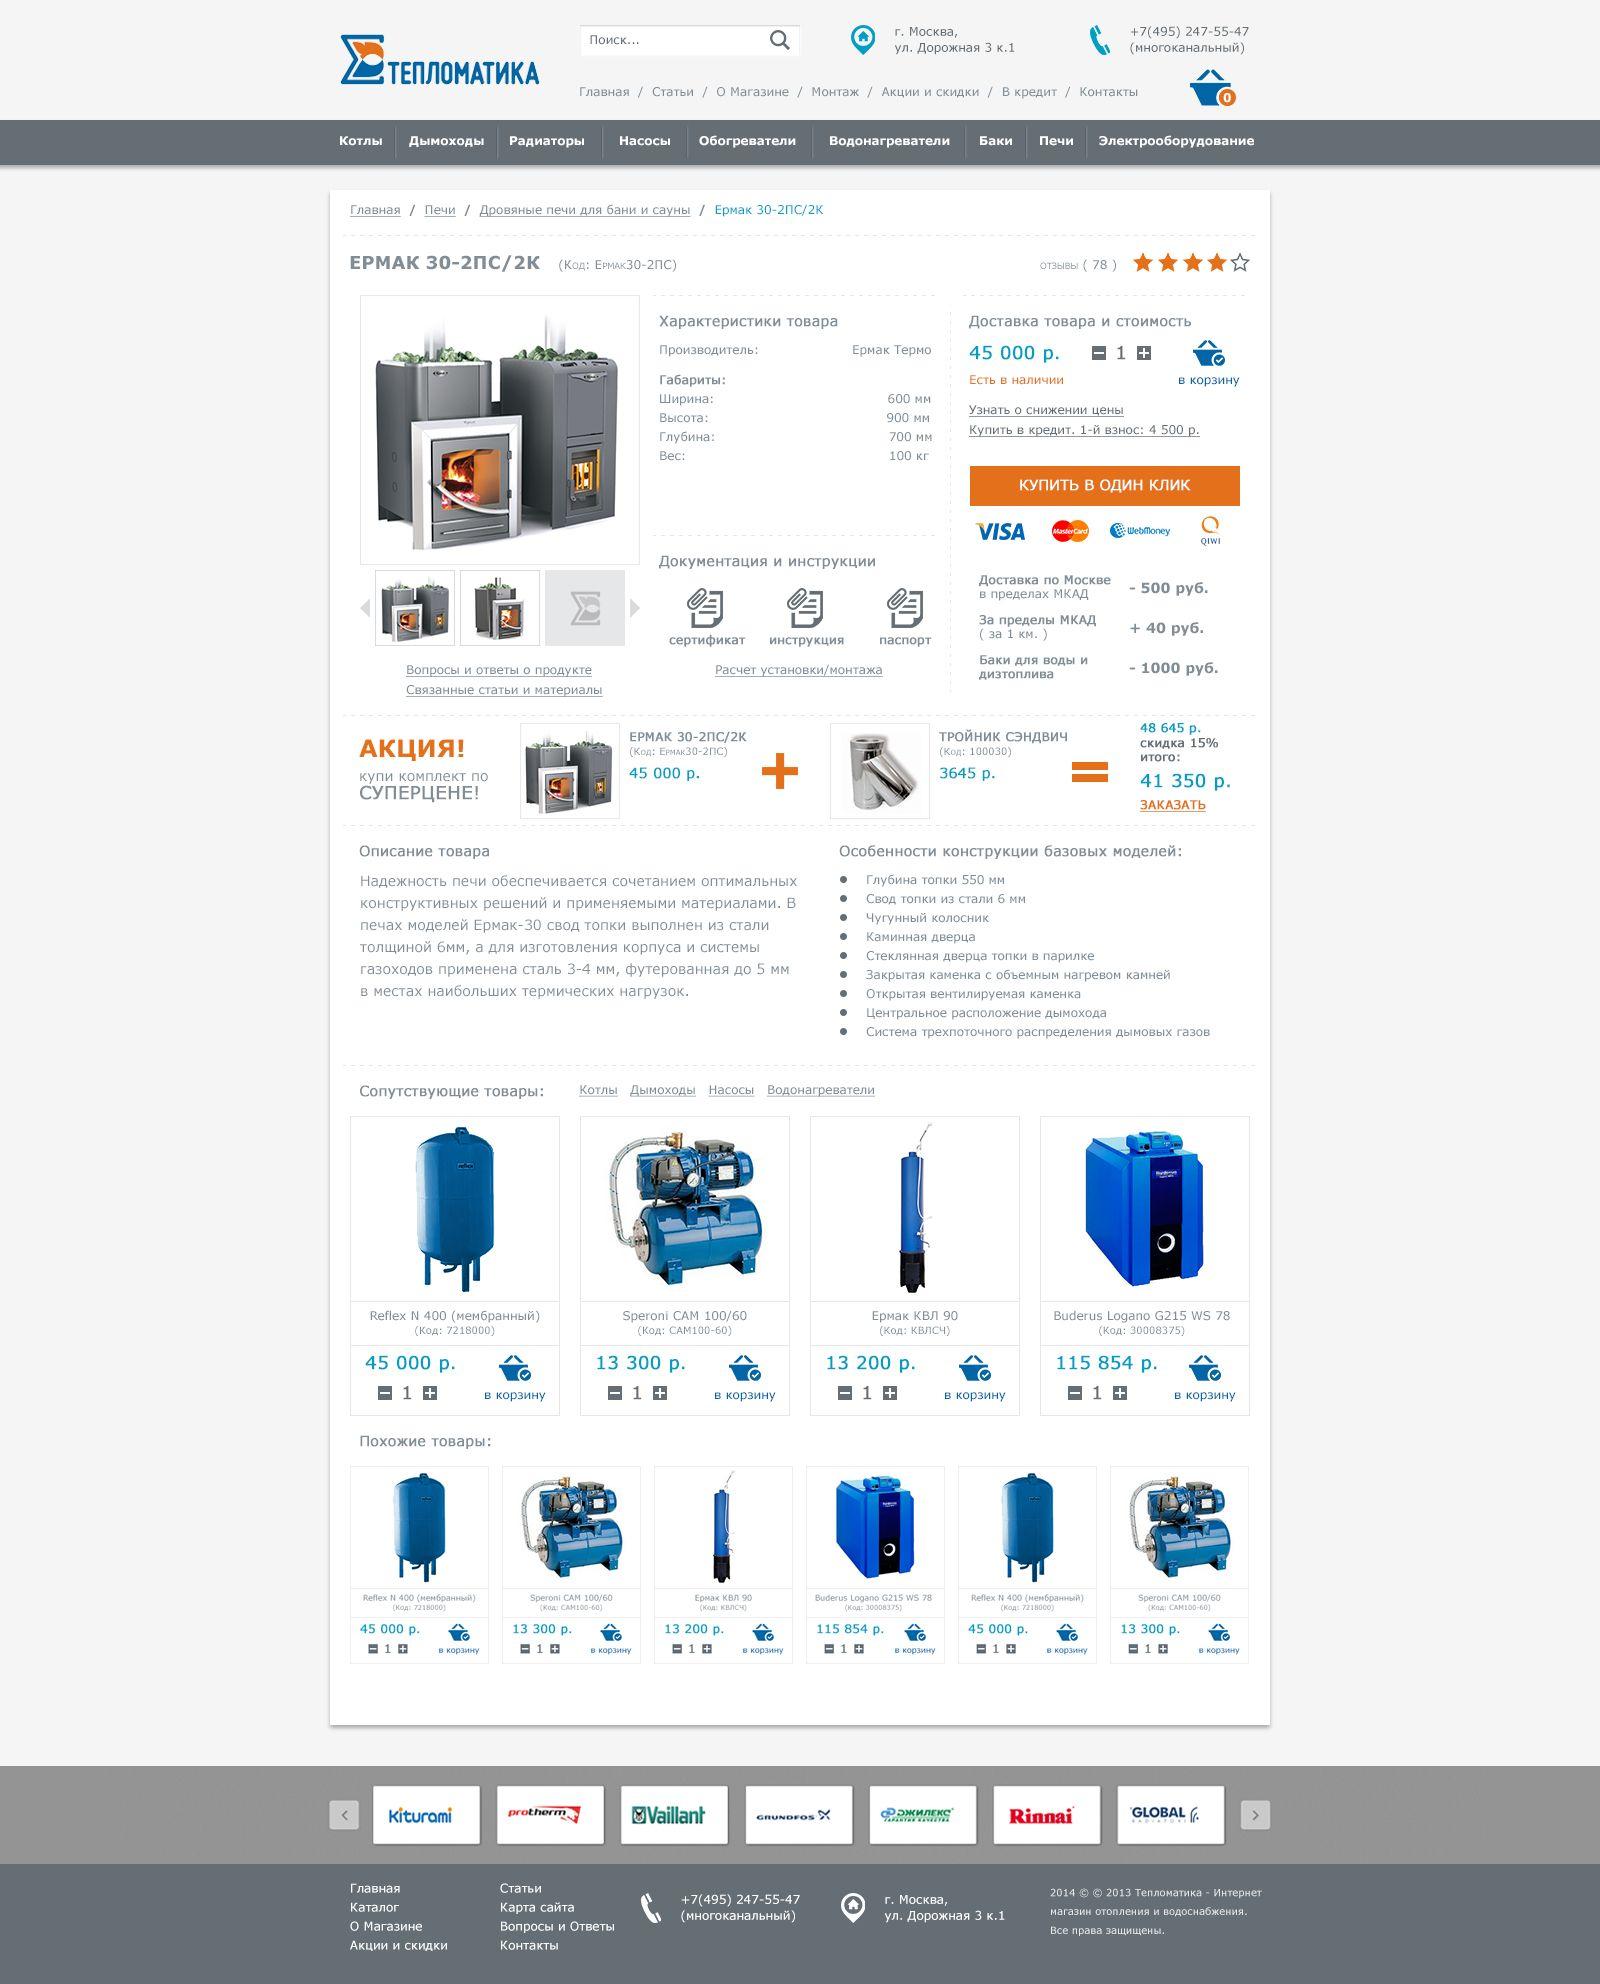 Дизайн продуктовой страницы интернет-магазина - дизайнер Alexorekhvo